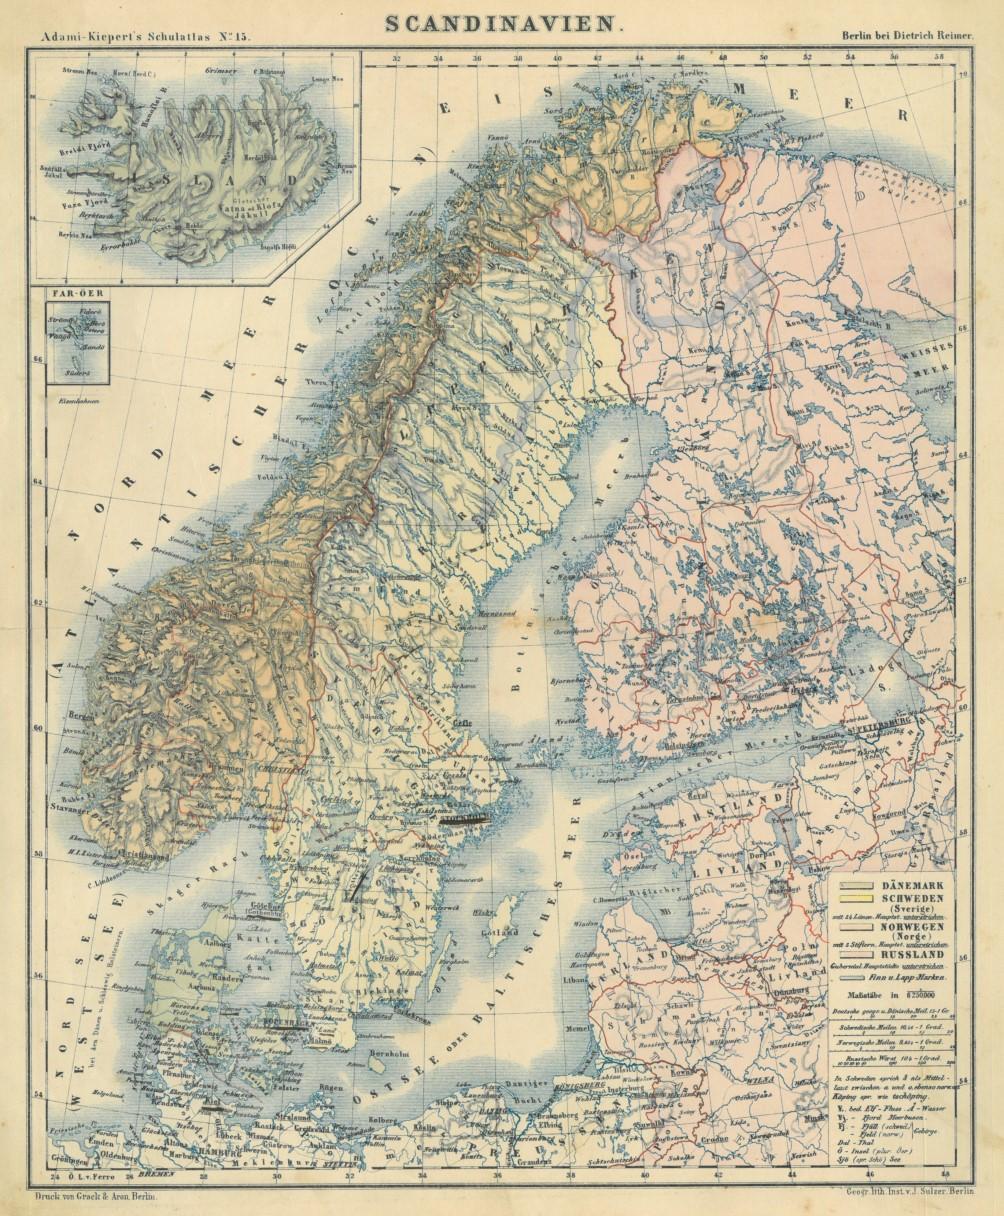 Karte Skandinavien.Skandinavien Karte Scandinavien Zvab